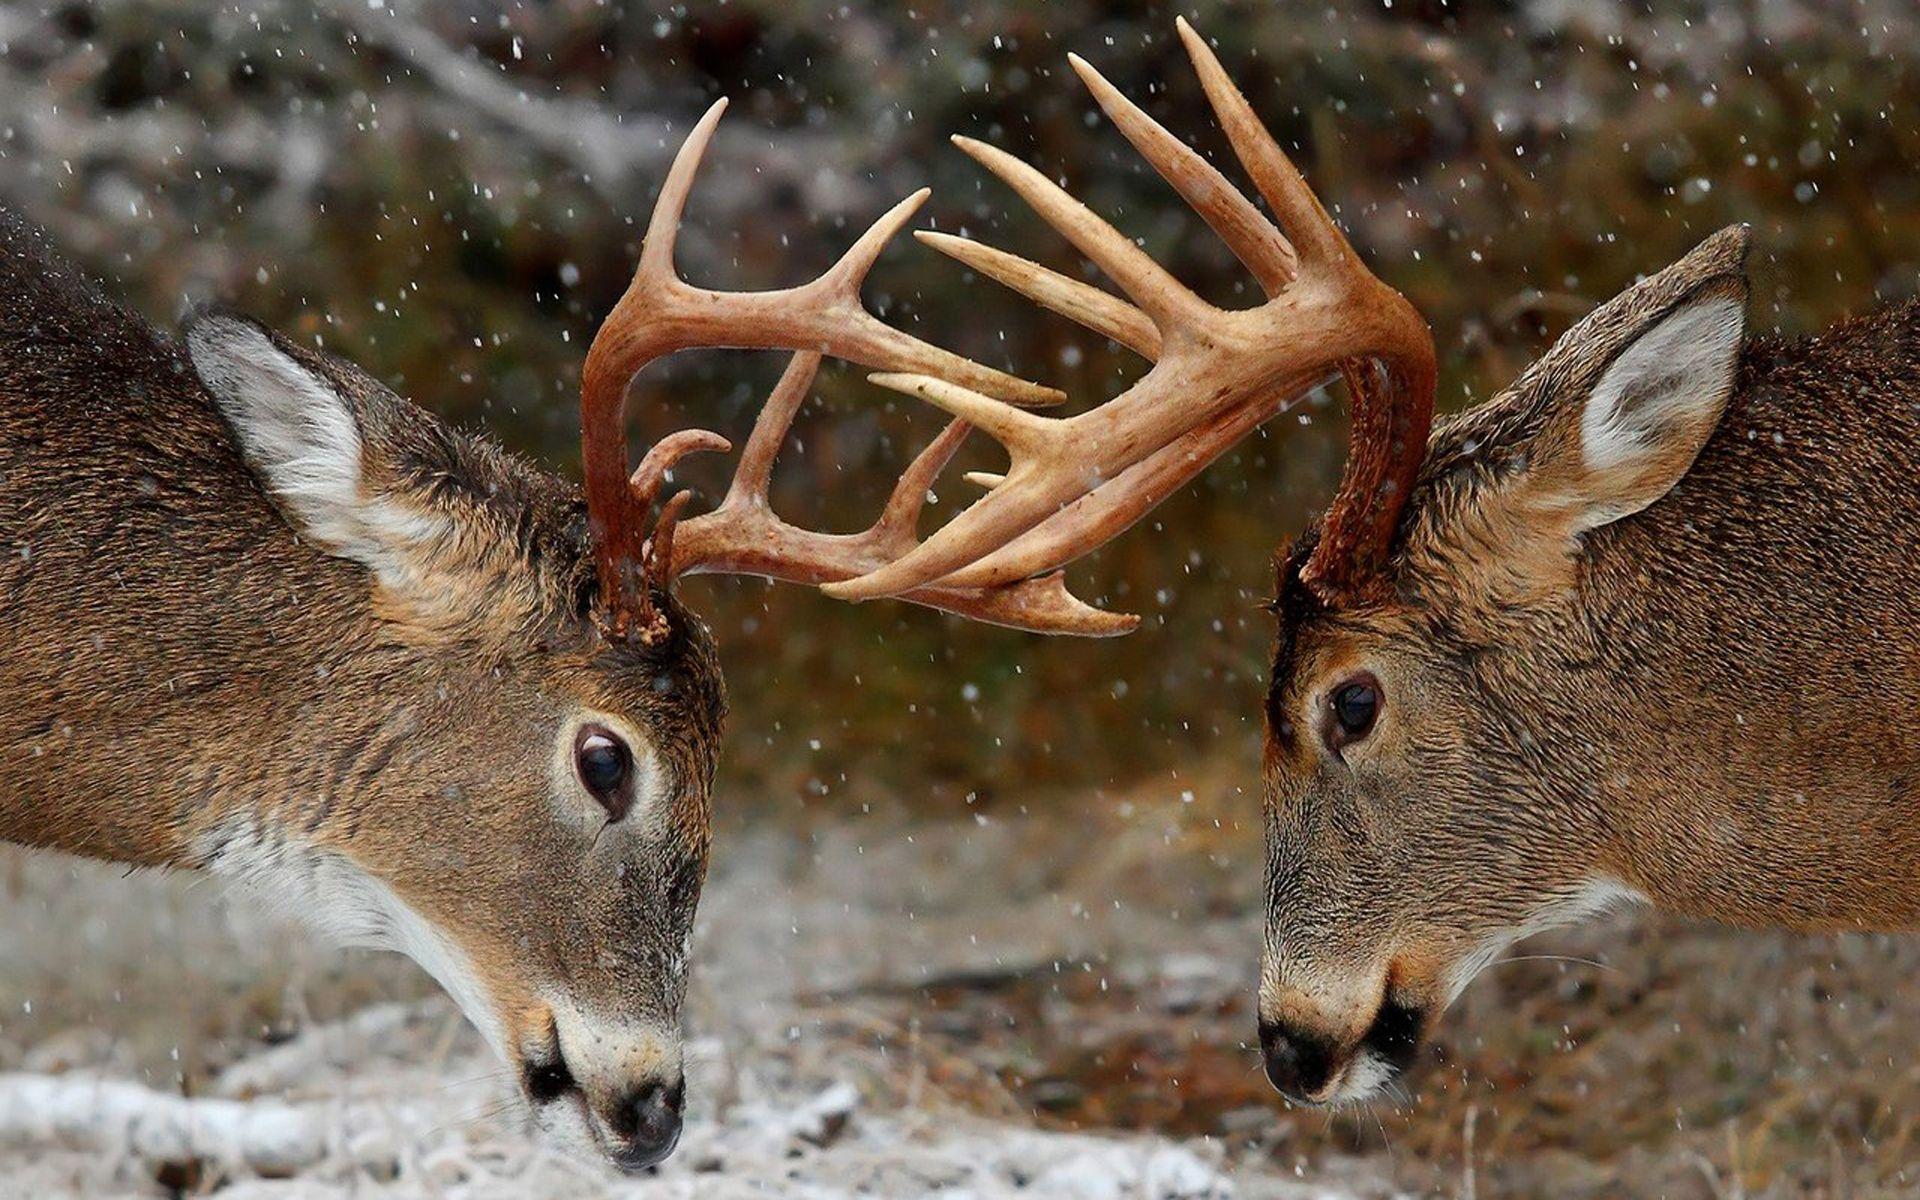 Full hd p deer wallpapers hd desktop backgrounds 19201080 deer full hd p deer wallpapers hd desktop backgrounds 19201080 deer image wallpapers 45 wallpapers adorable wallpapers desktop pinterest deer voltagebd Image collections